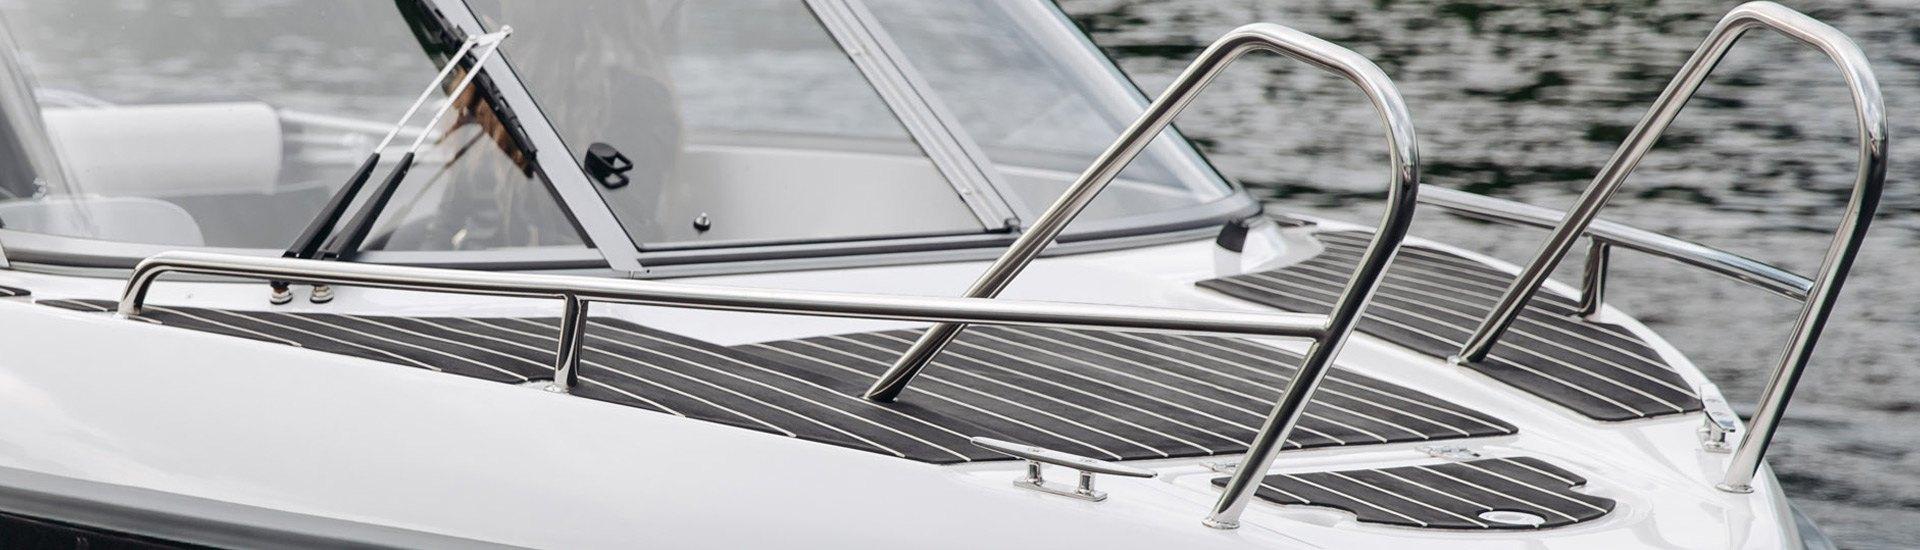 Boat Tubing Handrails Grab Handles Post Caps Elbows